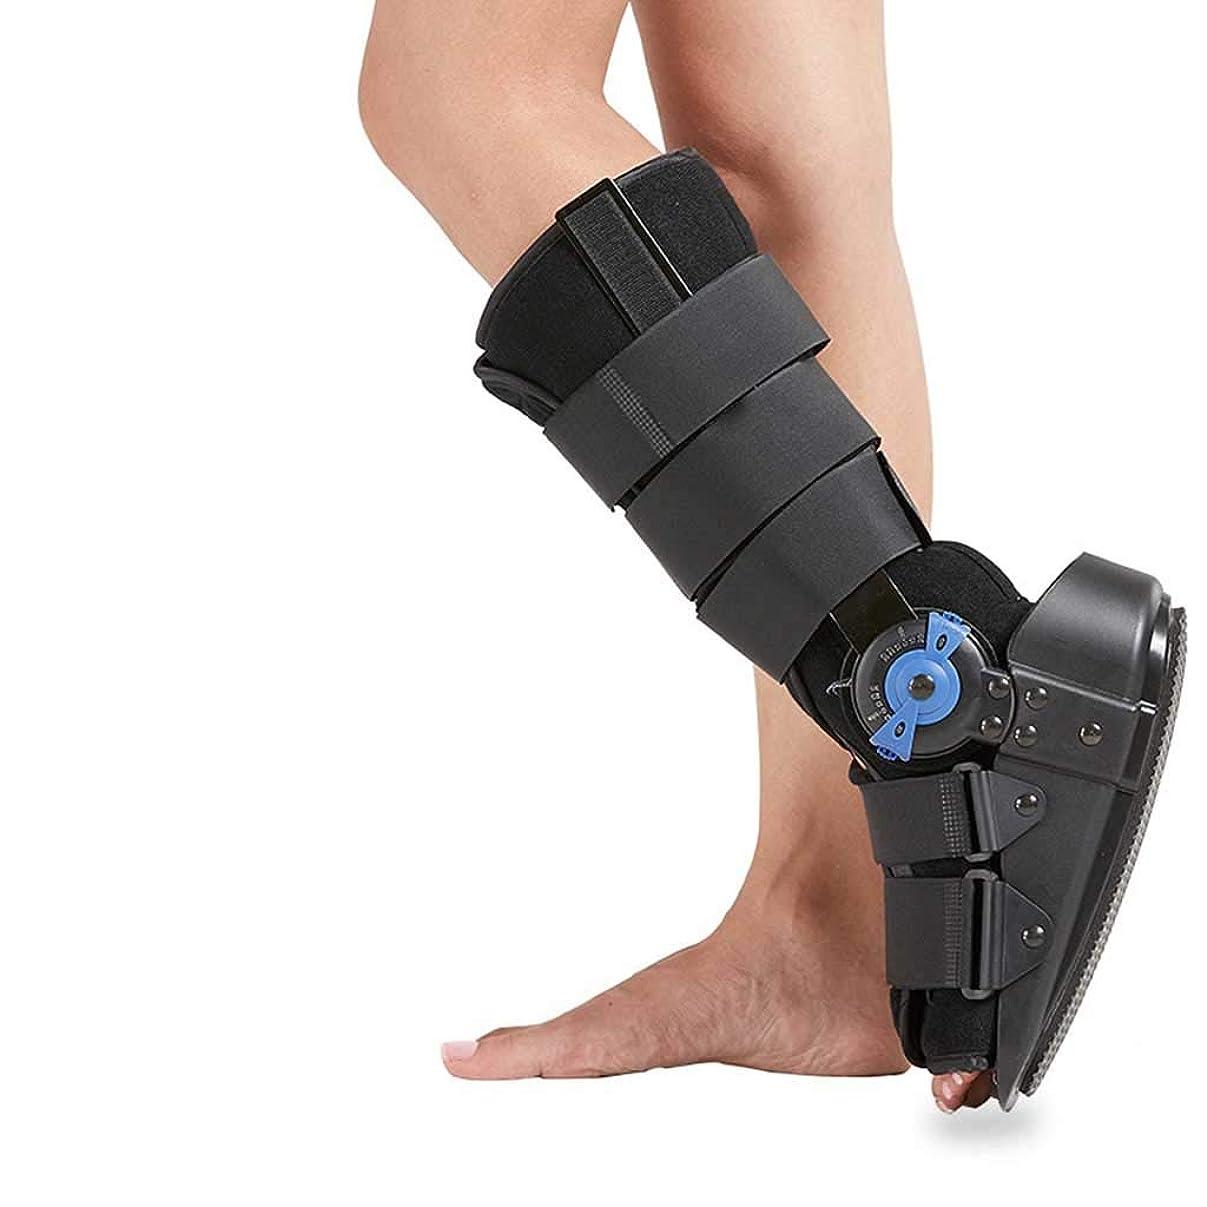 上昇汗せっかち足の装具、足首サポートブレース調整可能なチャック付き足首関節固定装具 足首の捻rainと骨折の修復に適しています,L